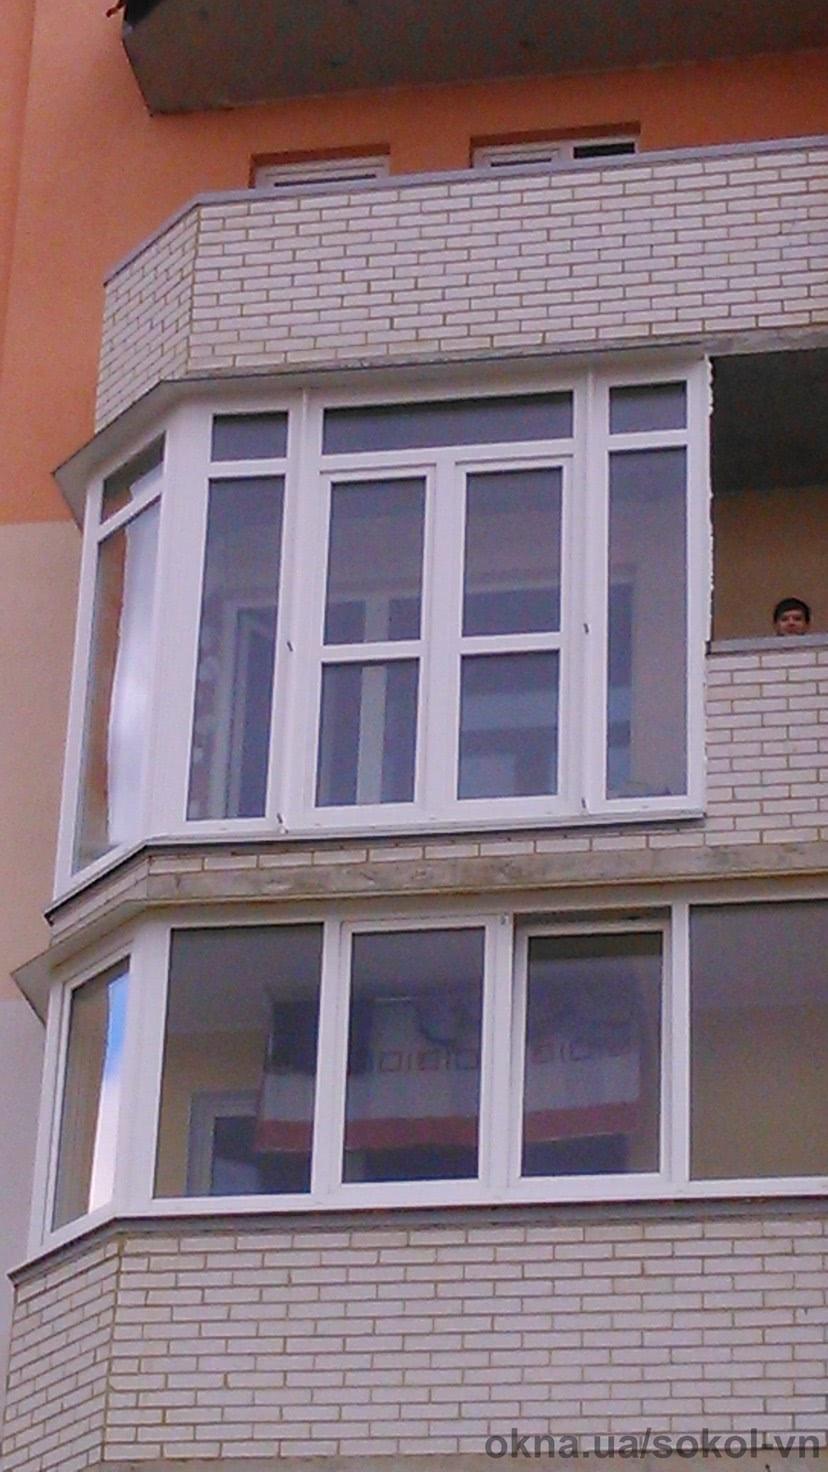 Засклення балкона по вулиці Миколаївська